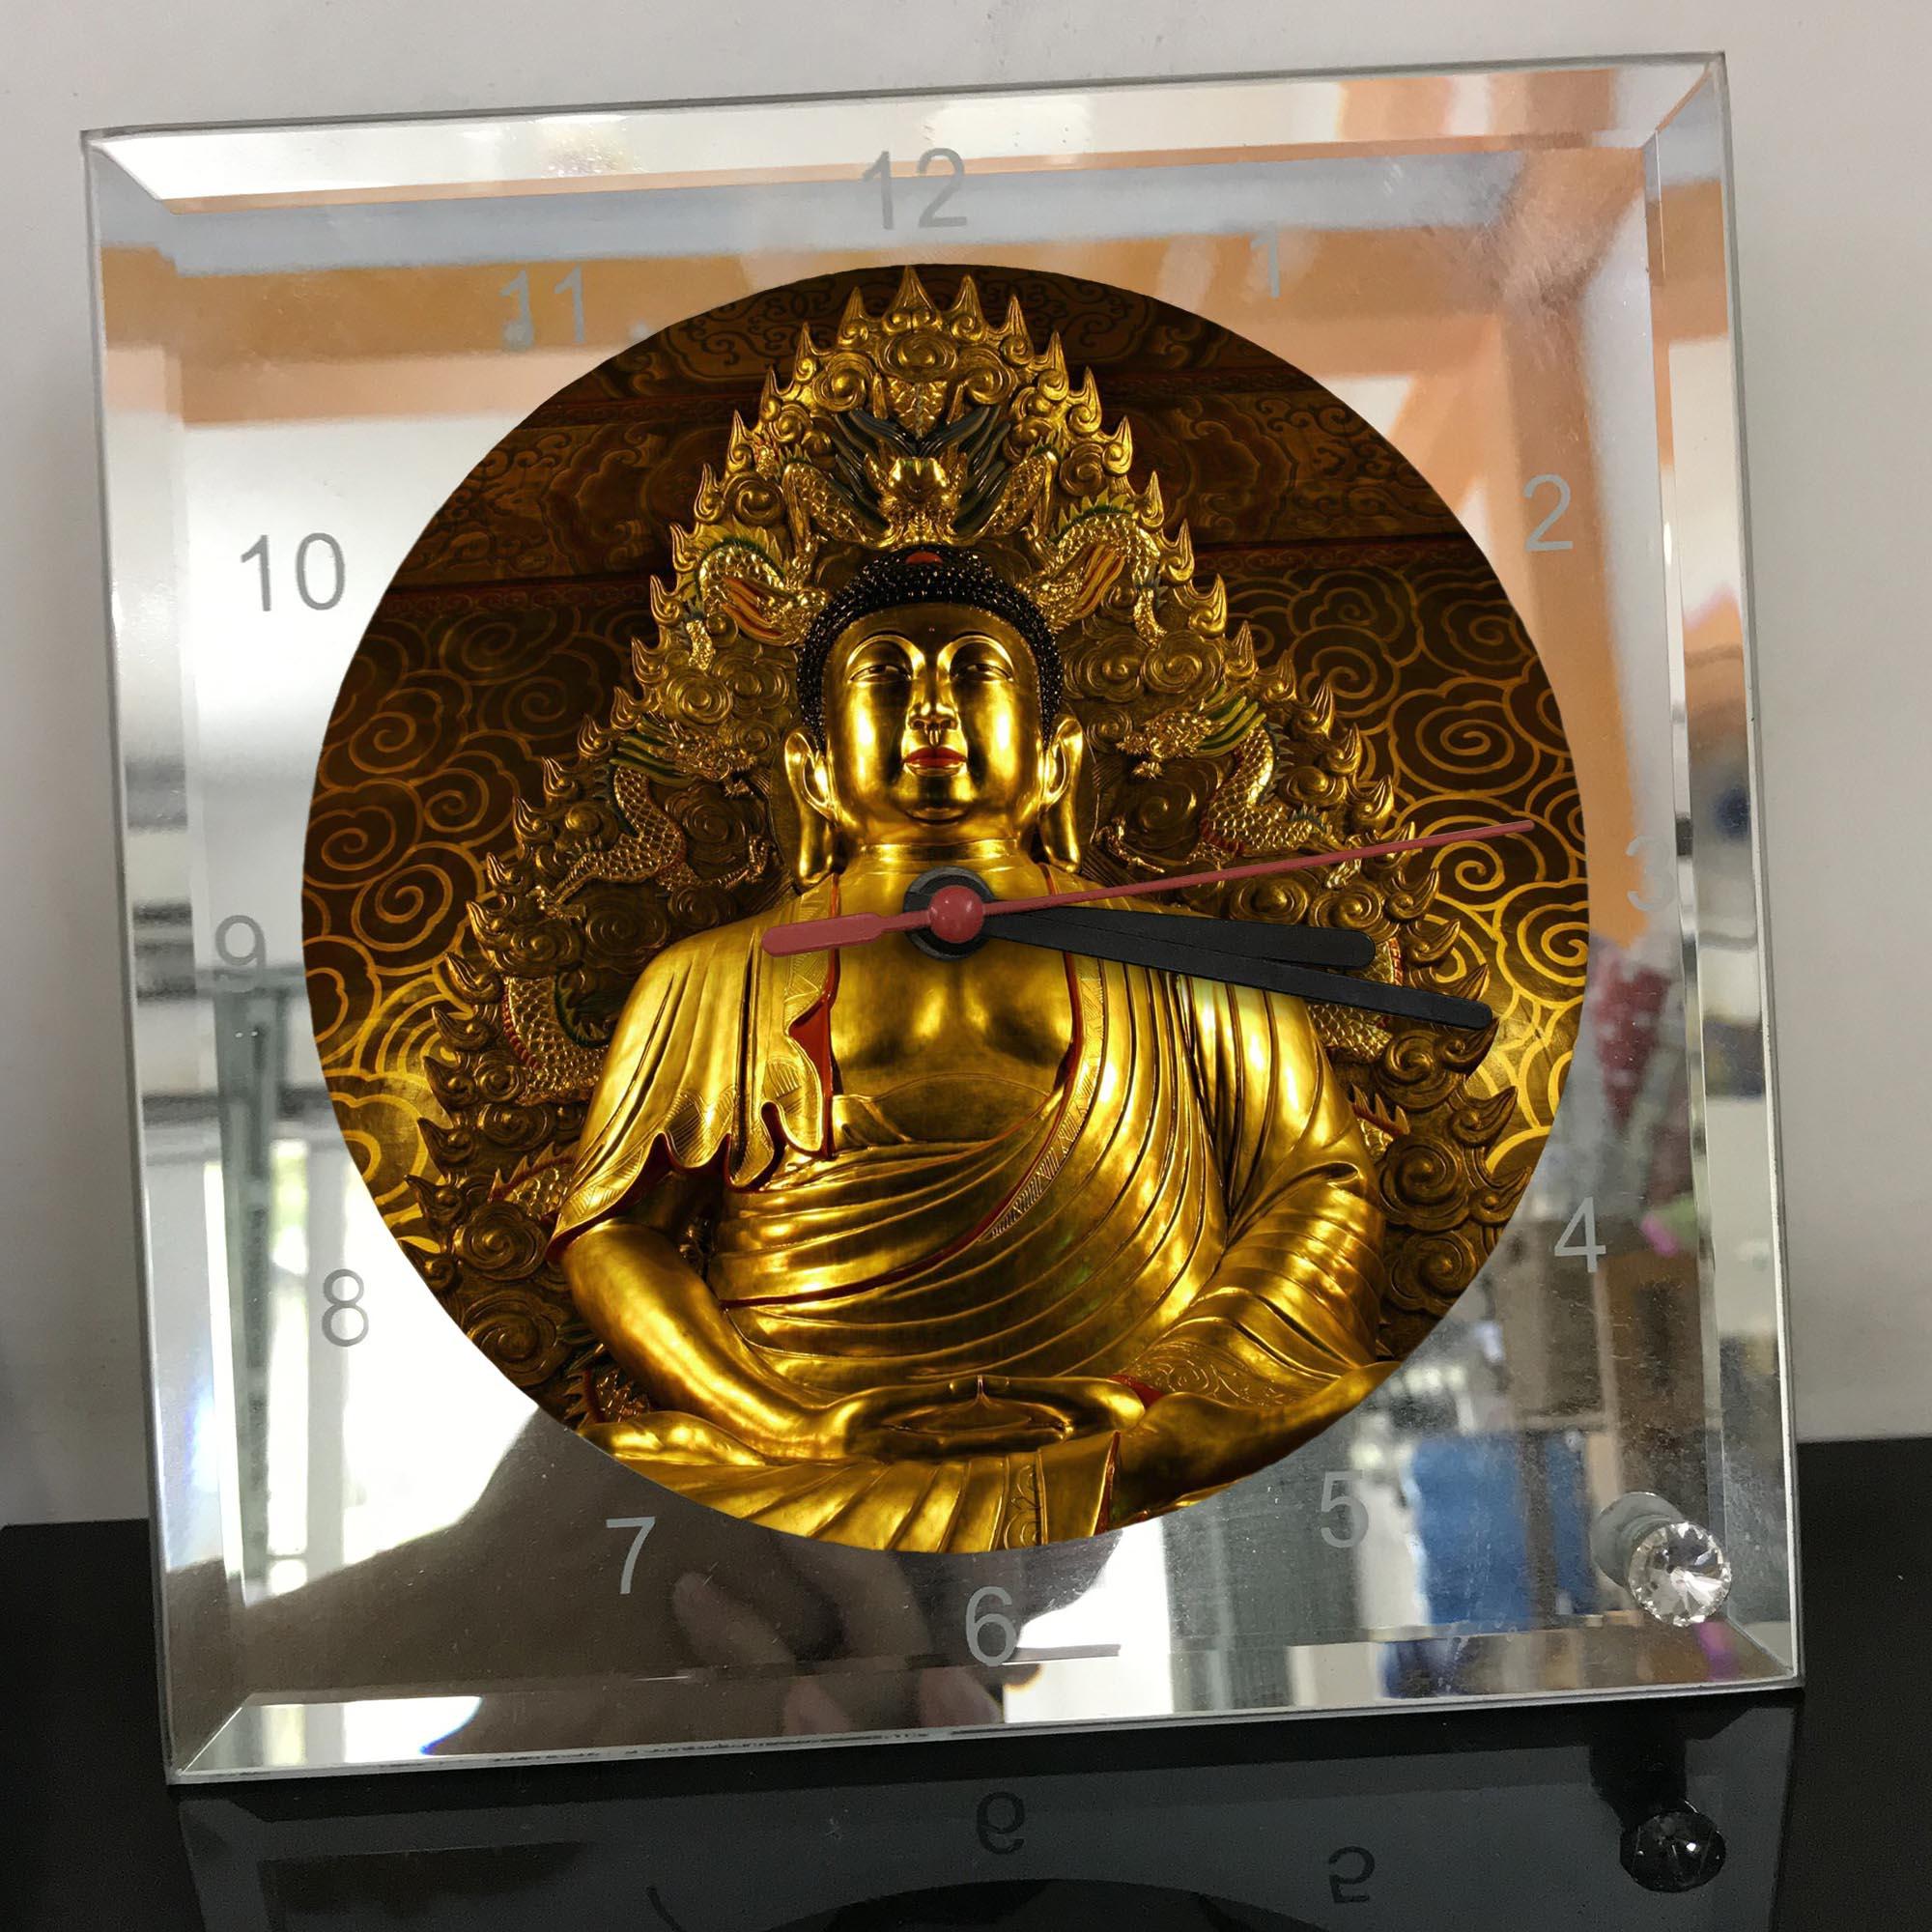 Đồng hồ thủy tinh vuông 20x20 in hình Buddhism - đạo phật (48) . Đồng hồ thủy tinh để bàn trang trí đẹp chủ đề tôn giáo